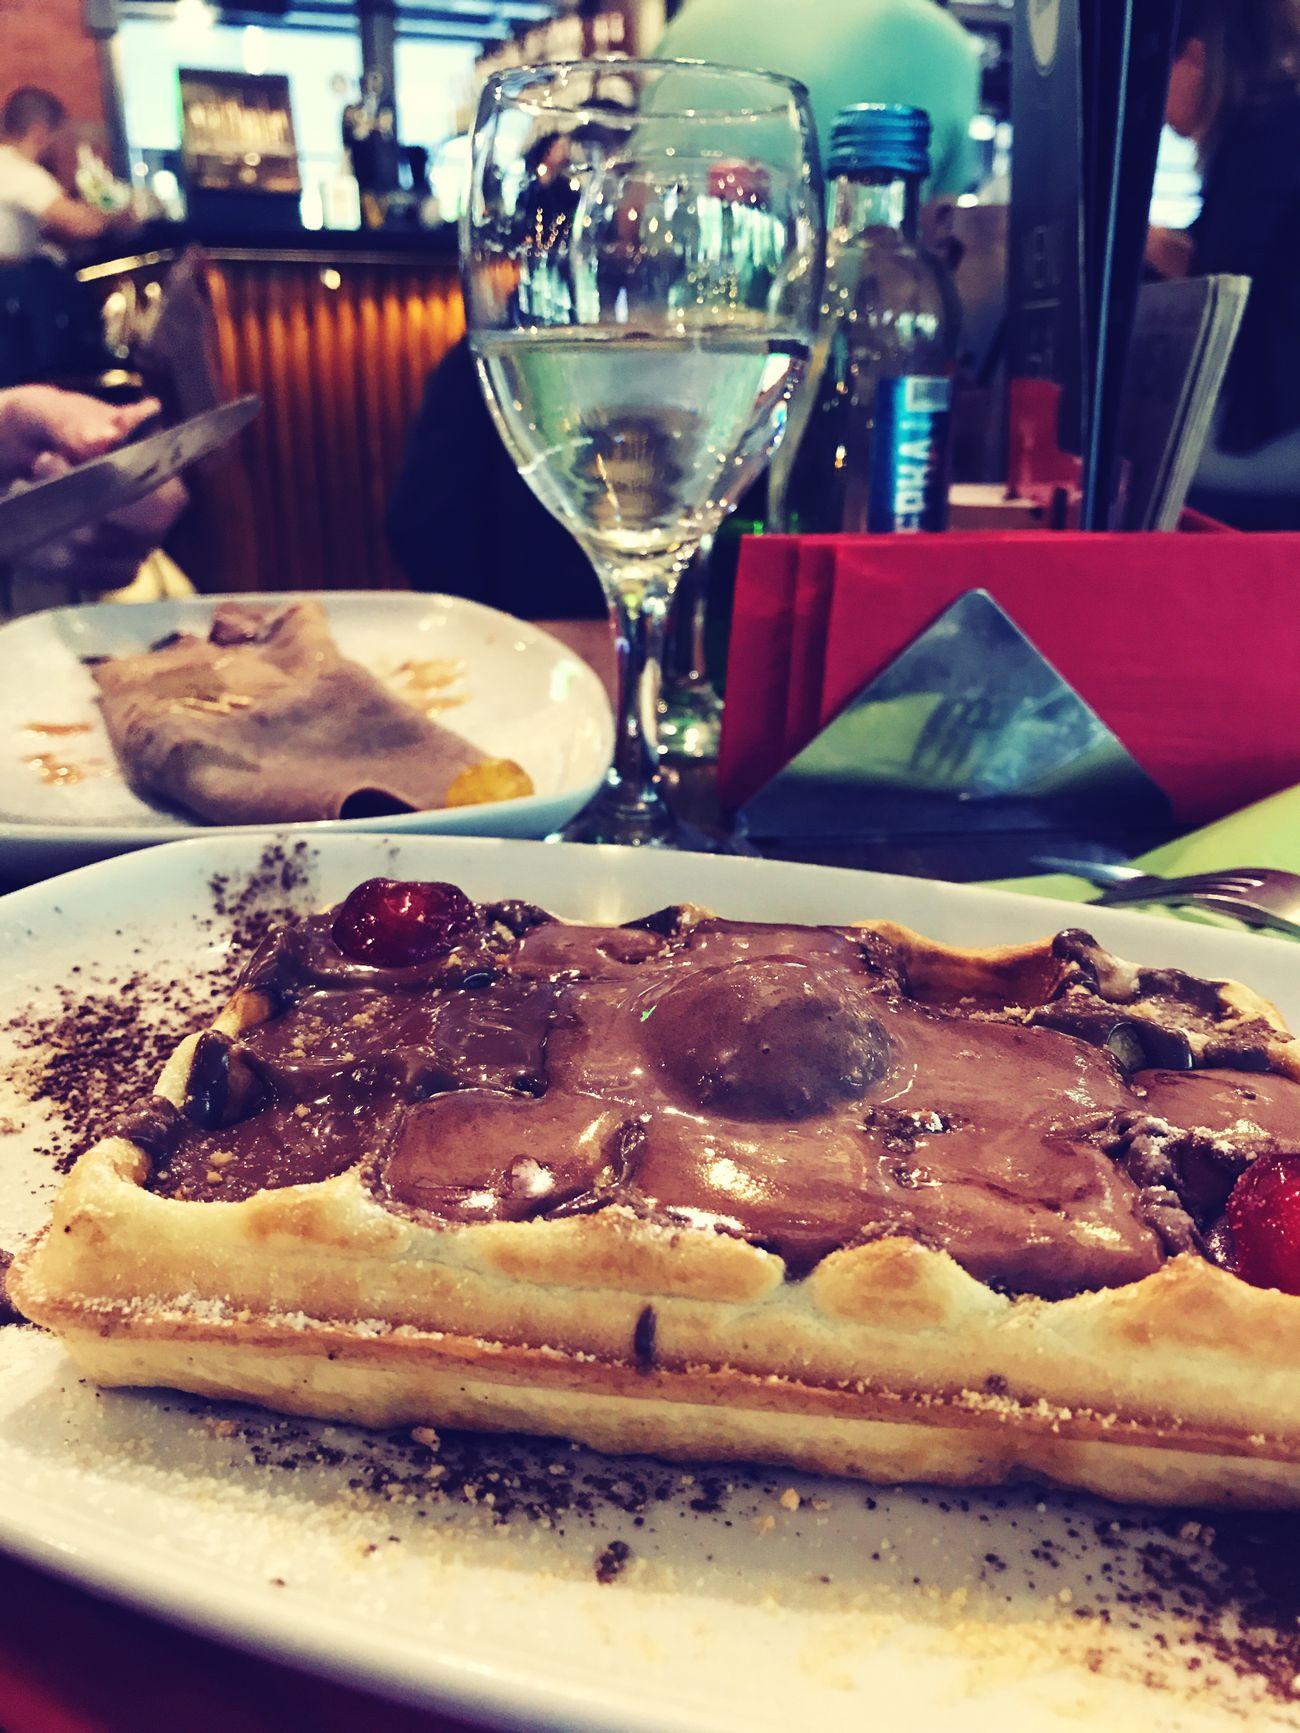 Vaffel Chocolate Nutella Dessert